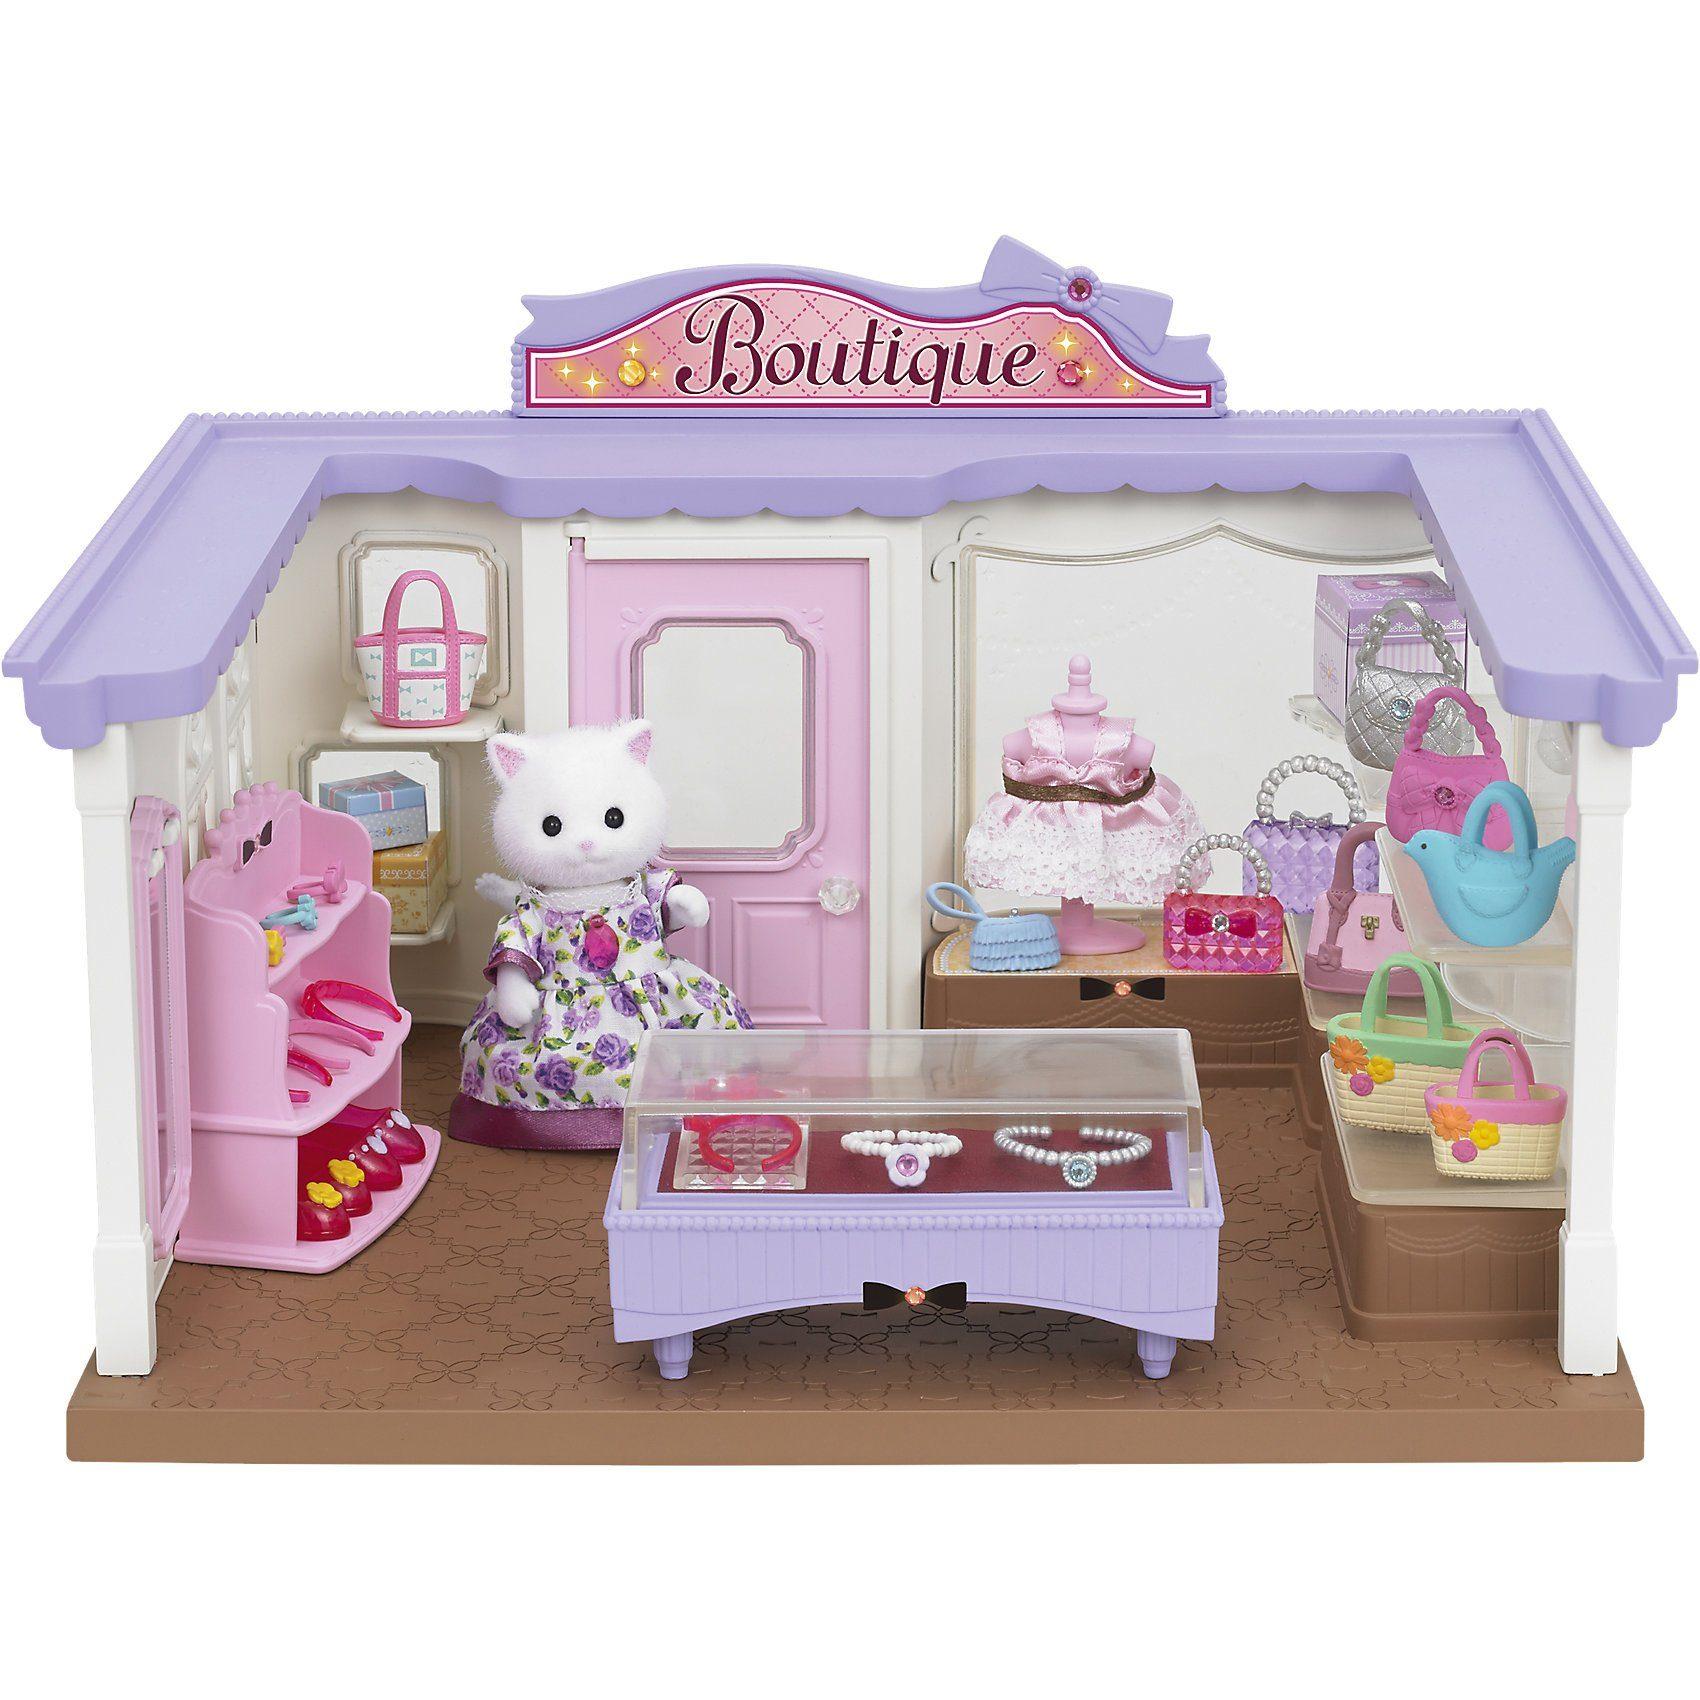 Epoch Traumwiesen Sylvanian Families Boutique Puppenhauszubehör